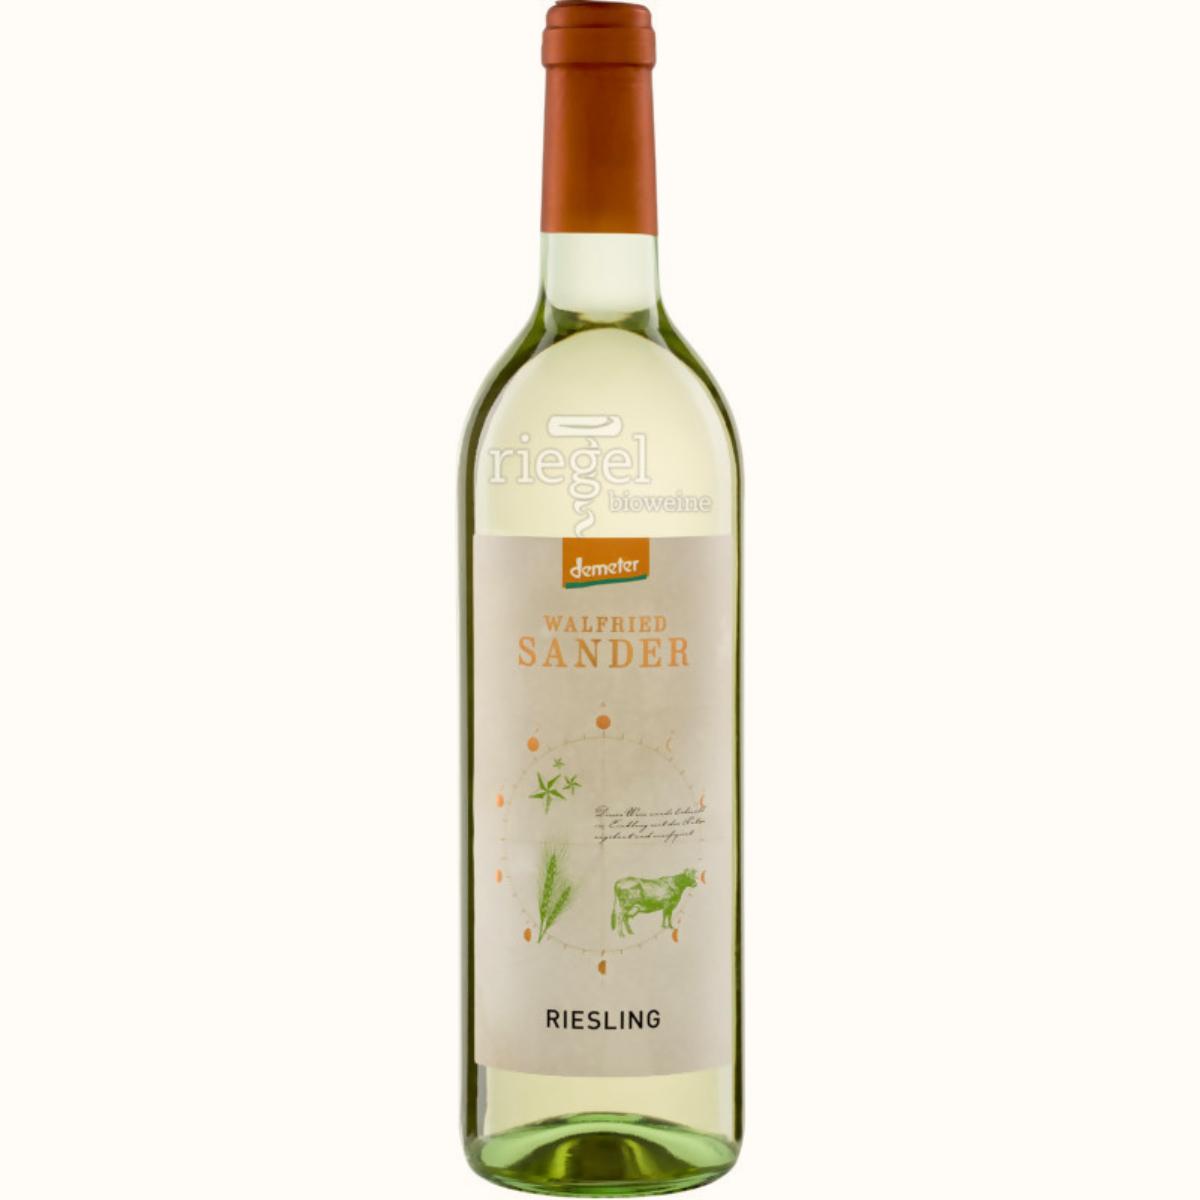 Sander Riesling, Biowein, Riegel Biowein, Wein kaufen